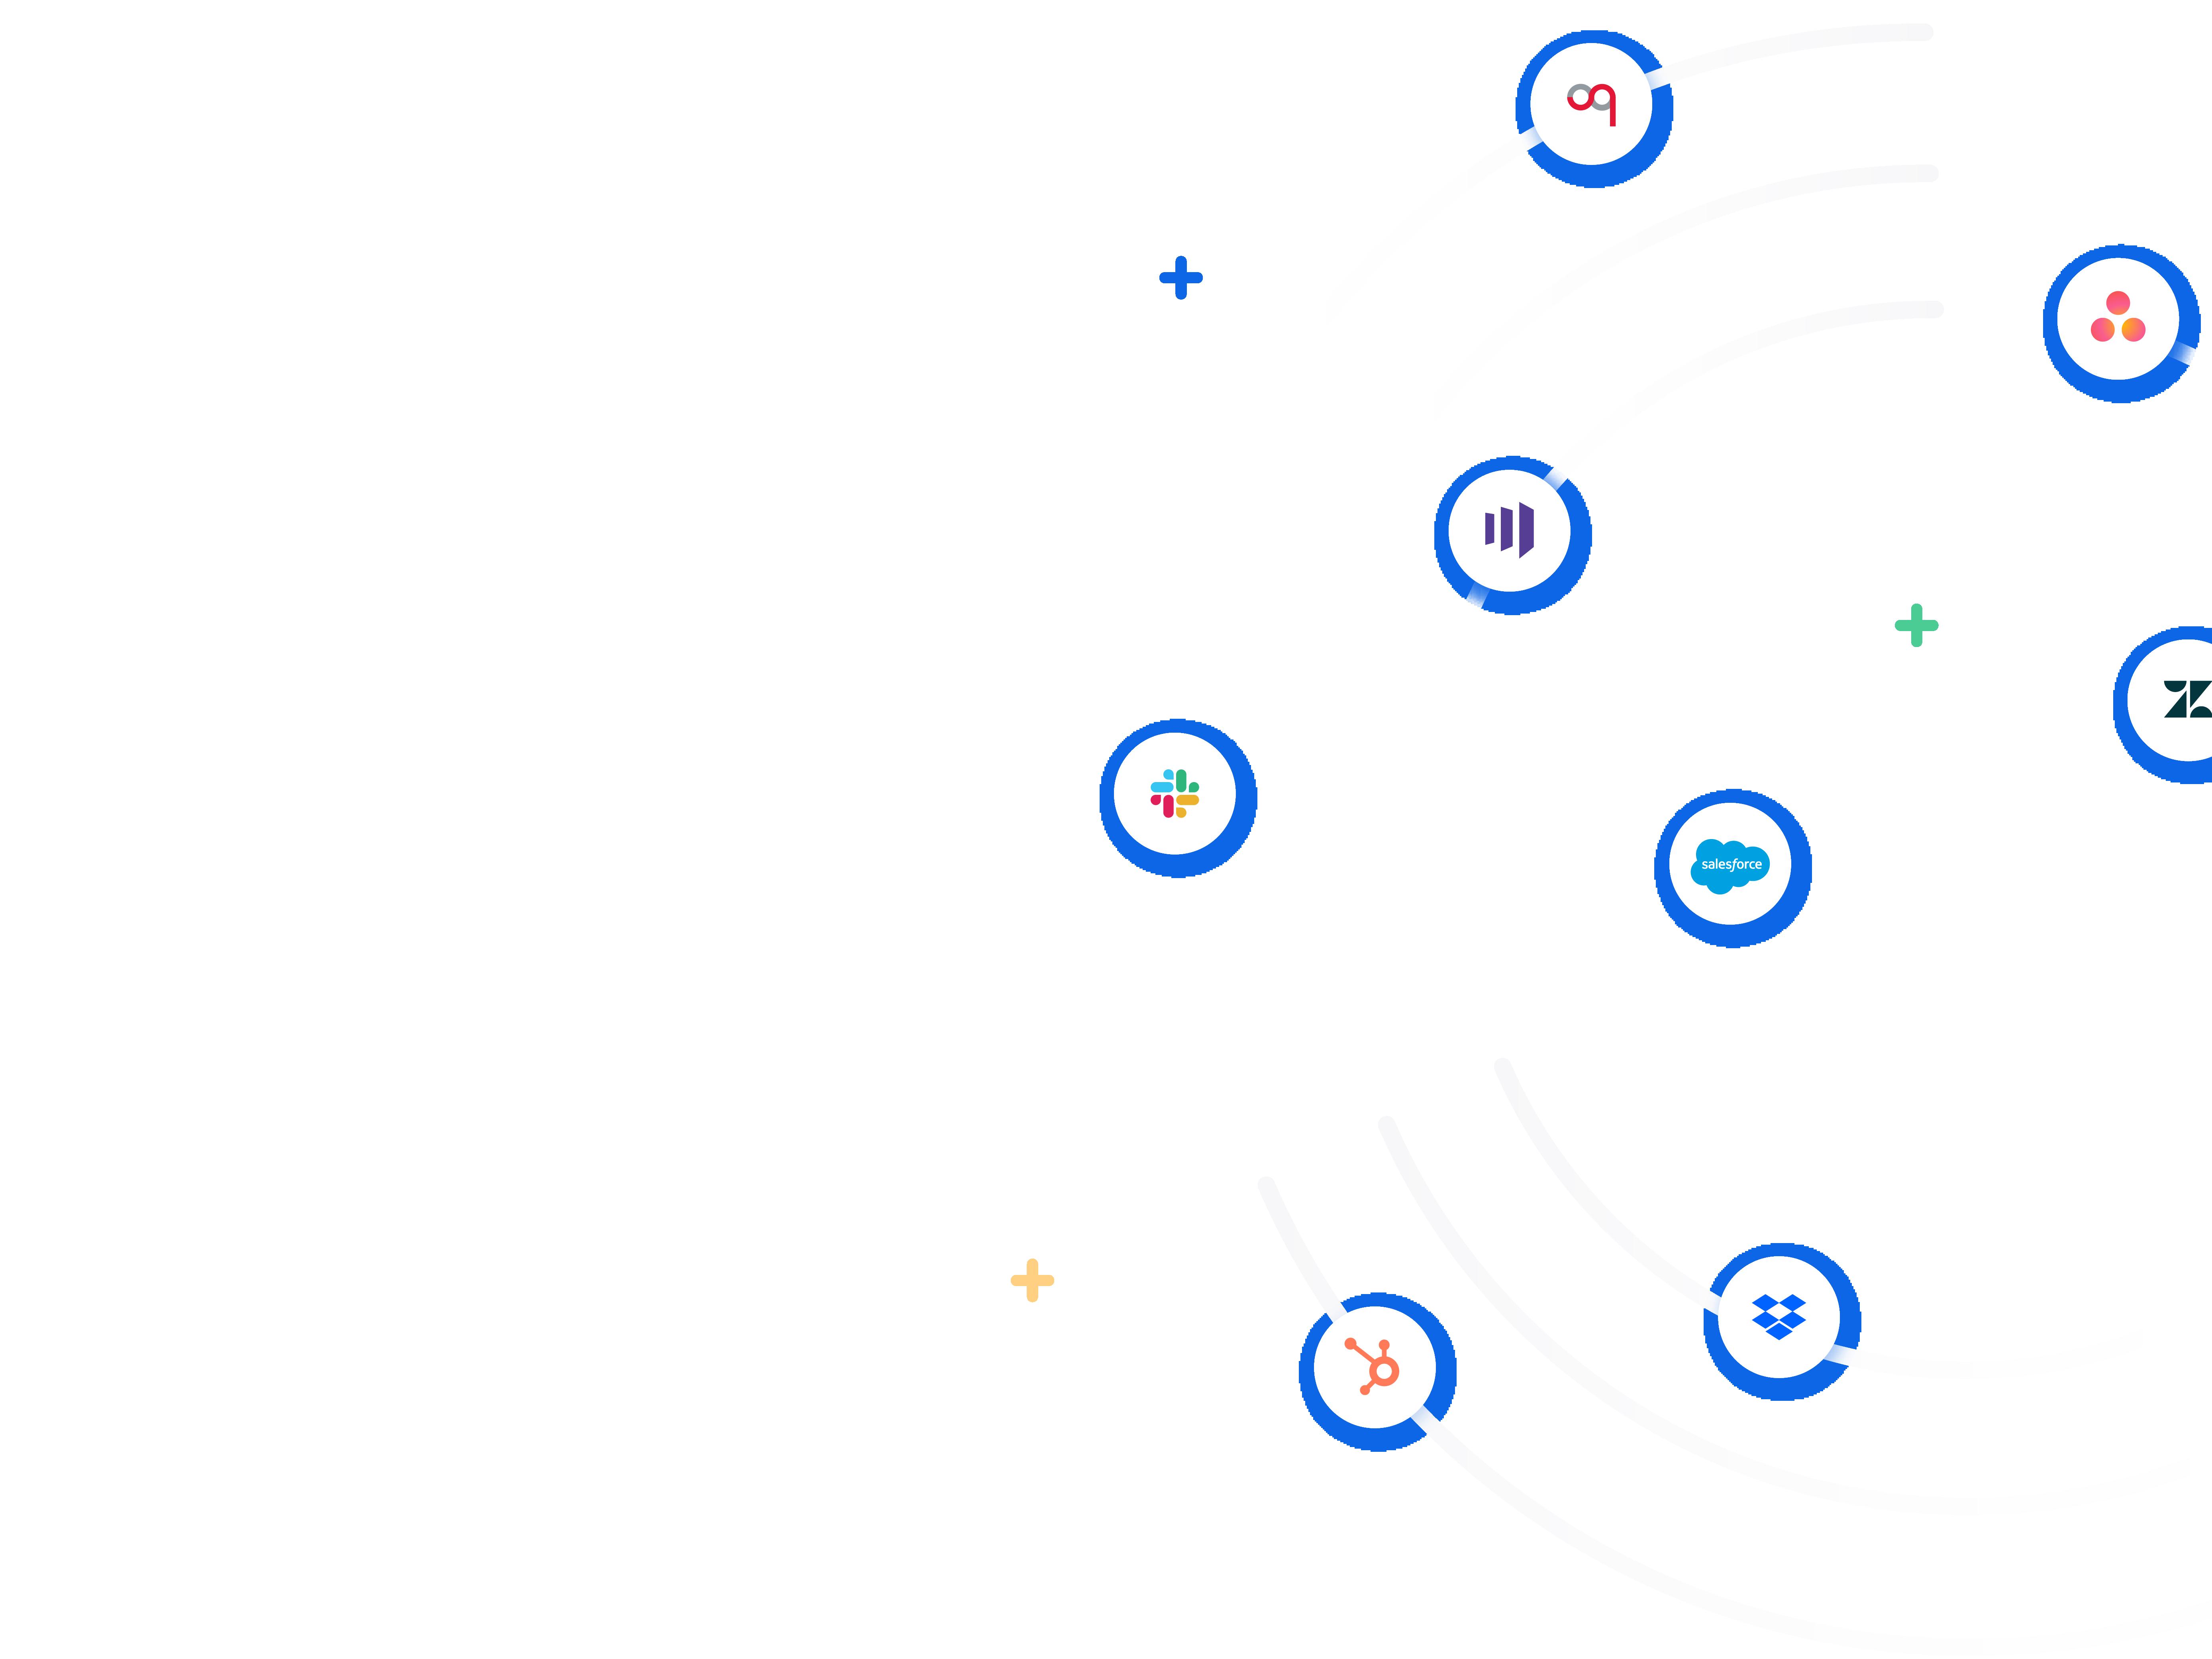 Tray for Enterprise - GTM Teams